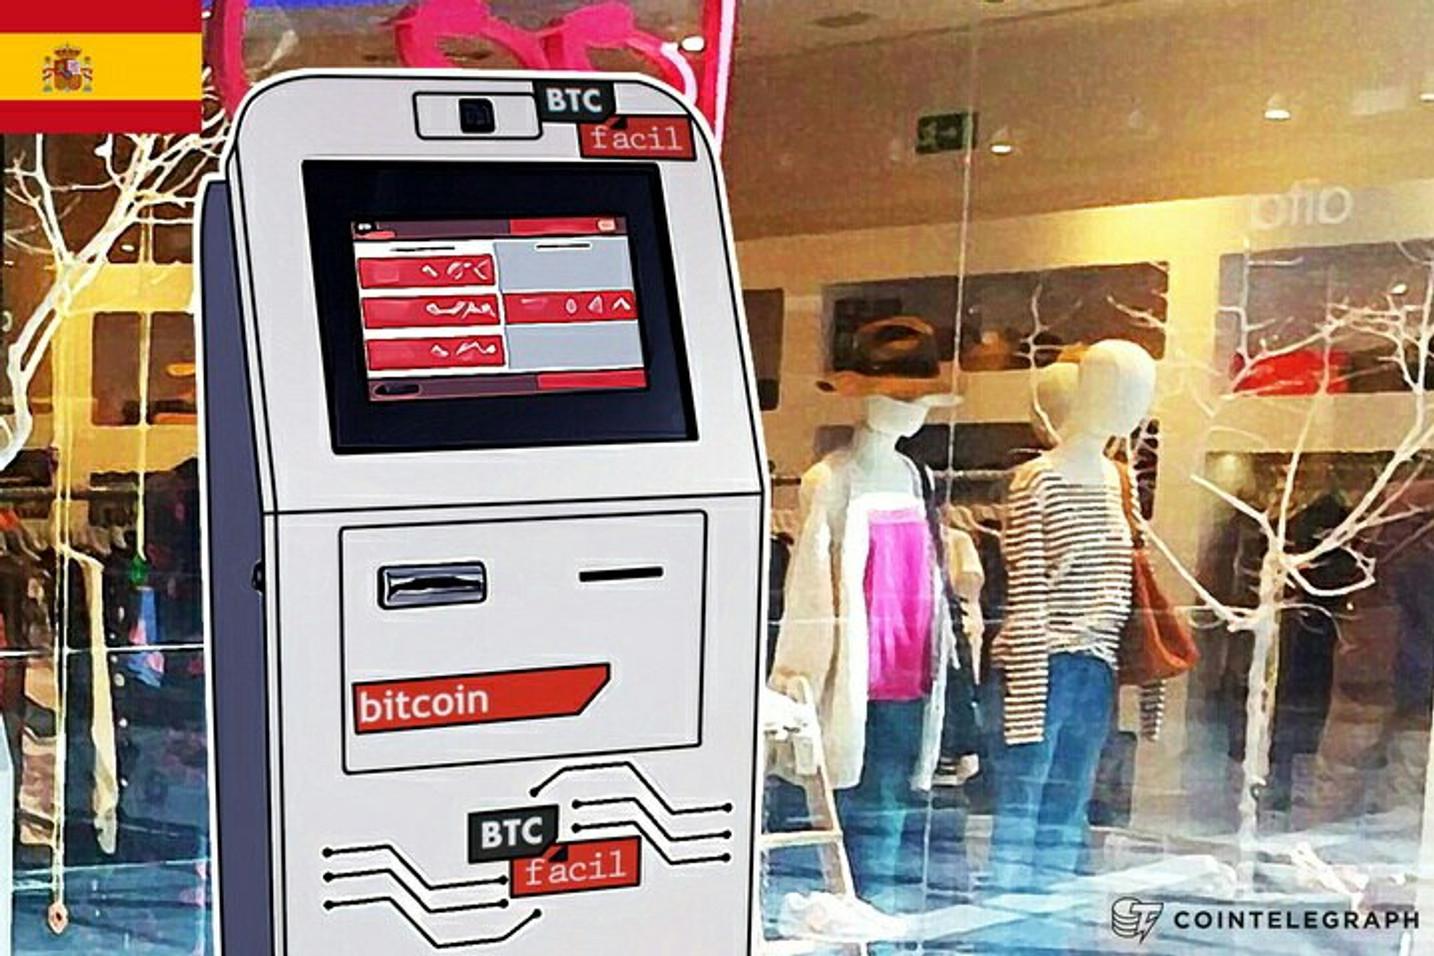 El único centro comercial de Madrid que contará con un cajero automático de bitcoins, estará en Castellana 200